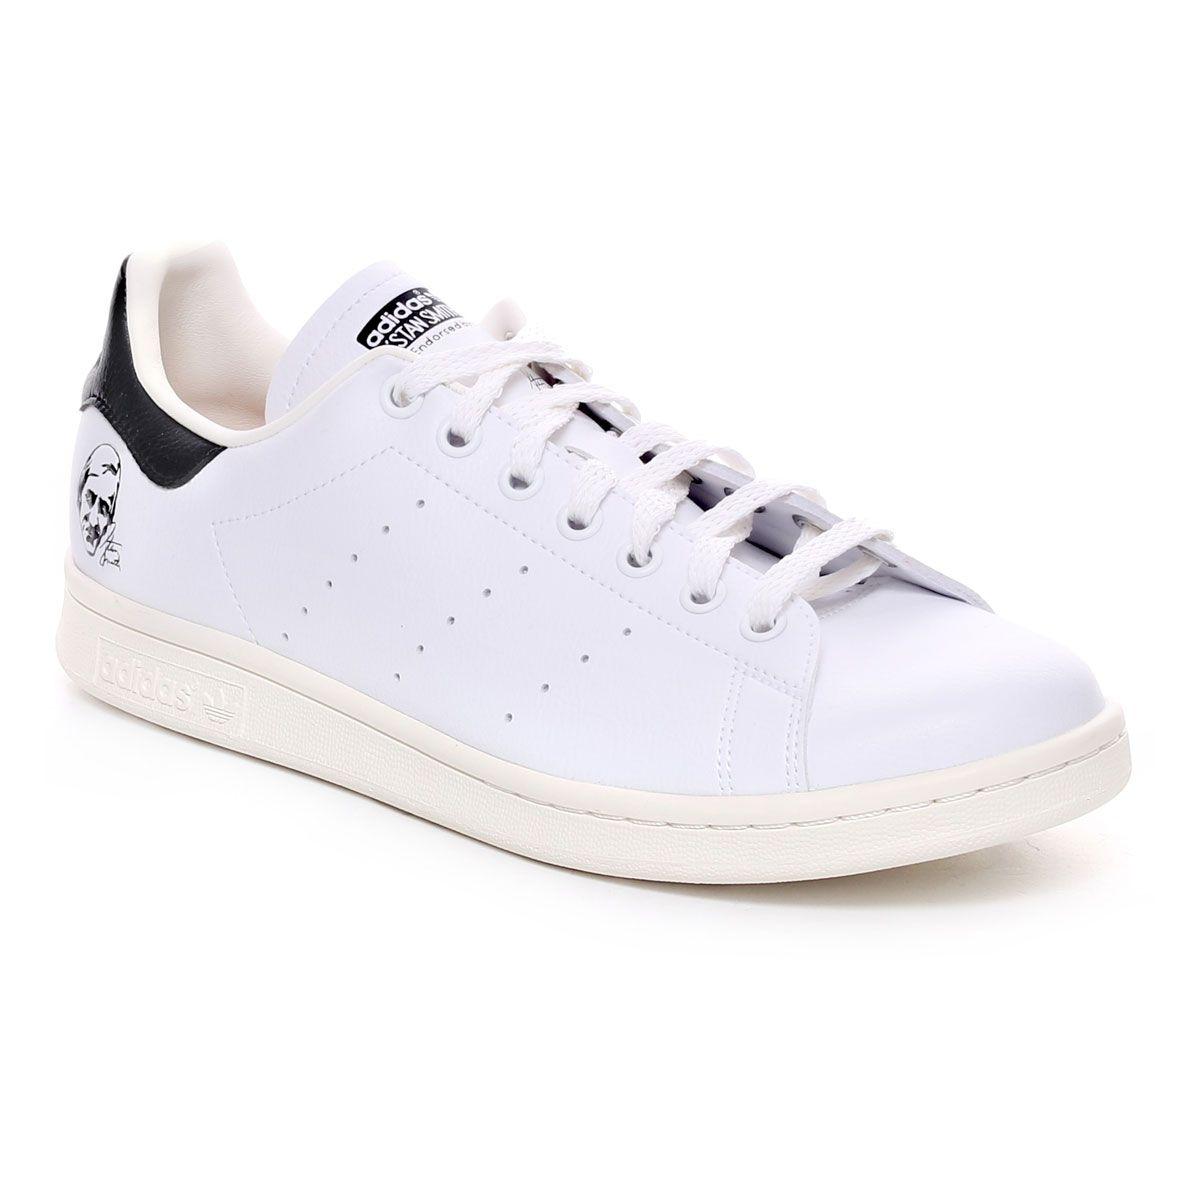 adidas Stan Smith Primegreen Uomo Bianco Nero